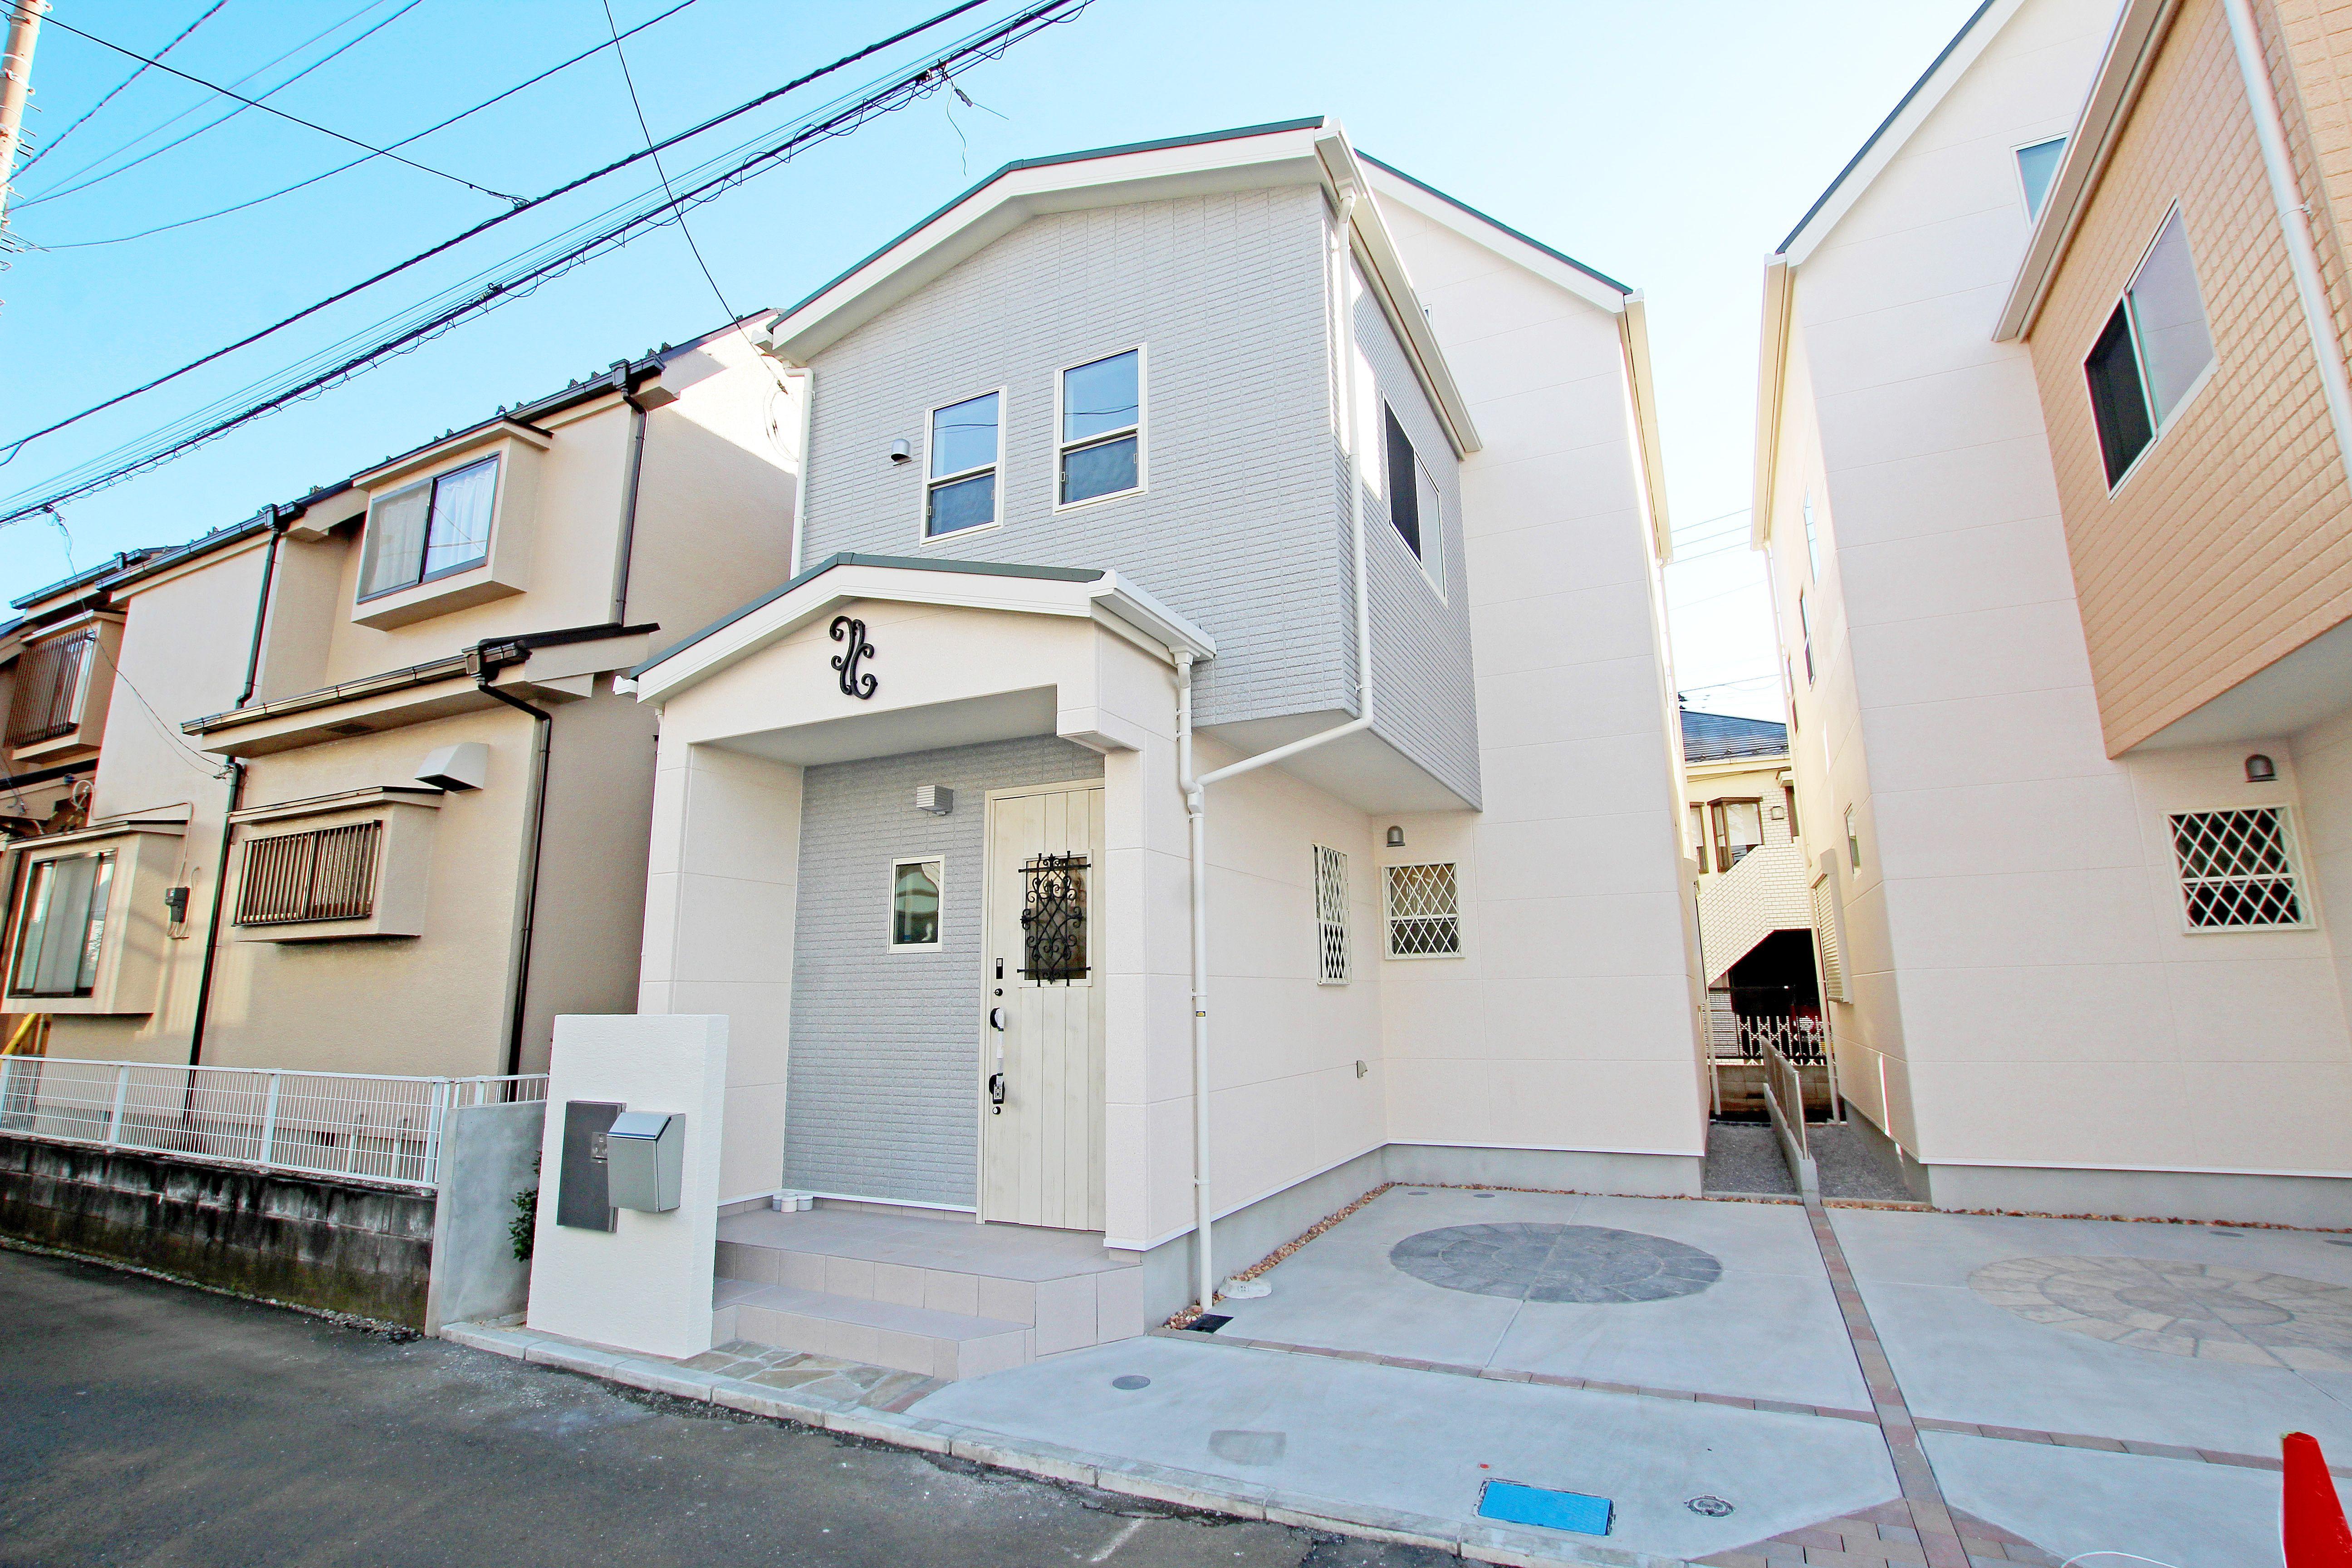 木調の玄関ドアと妻飾りがかわいい新築分譲住宅 新築分譲住宅 戸建